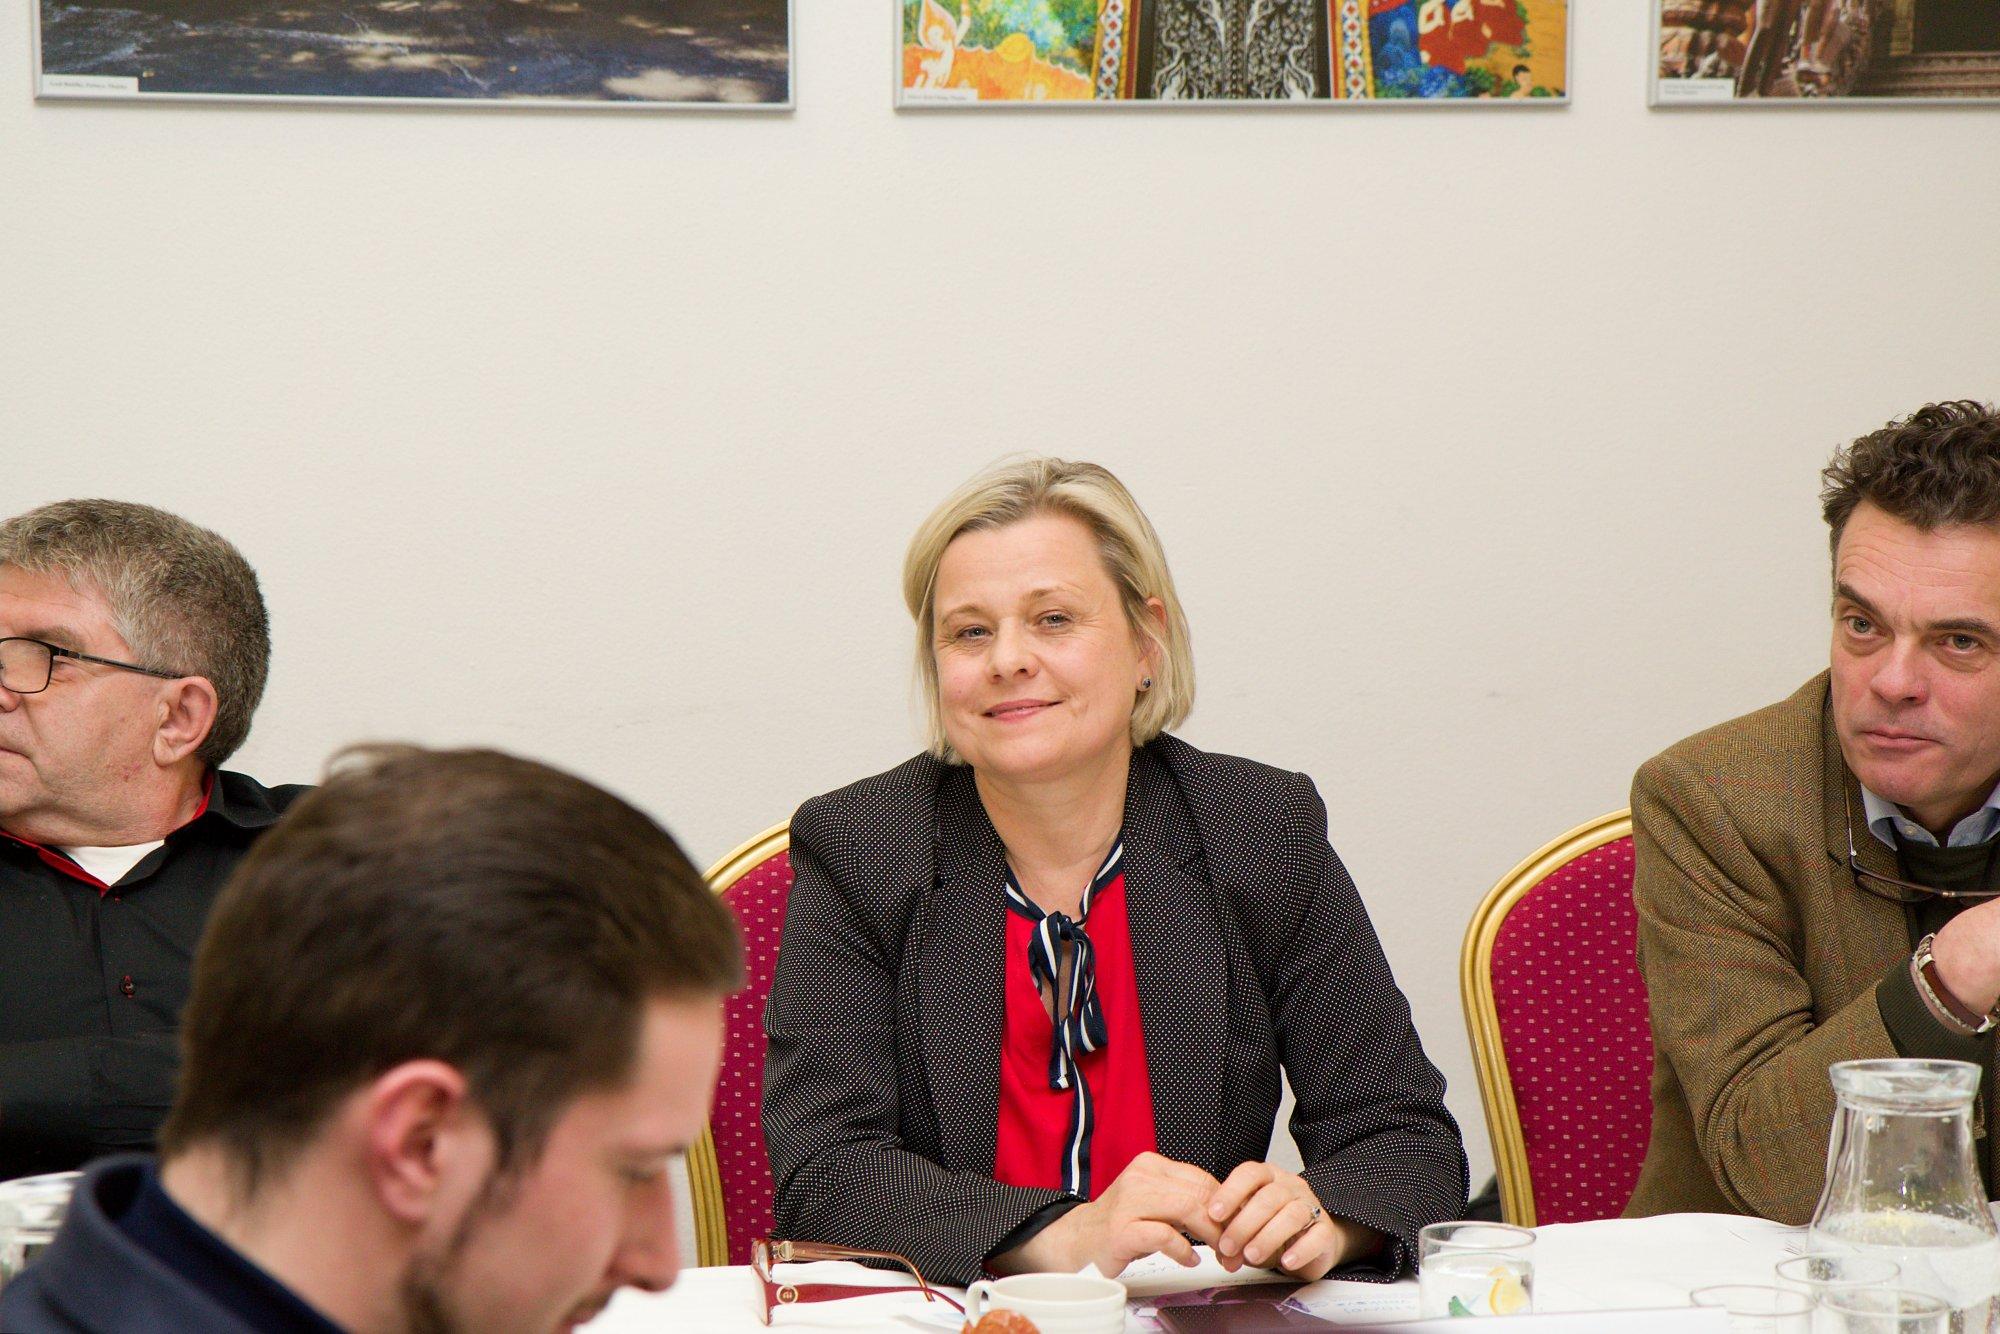 Rada ministrů financí schválila český plán obnovy. S premiérem Babišem je však jeho čerpání v nedohledu